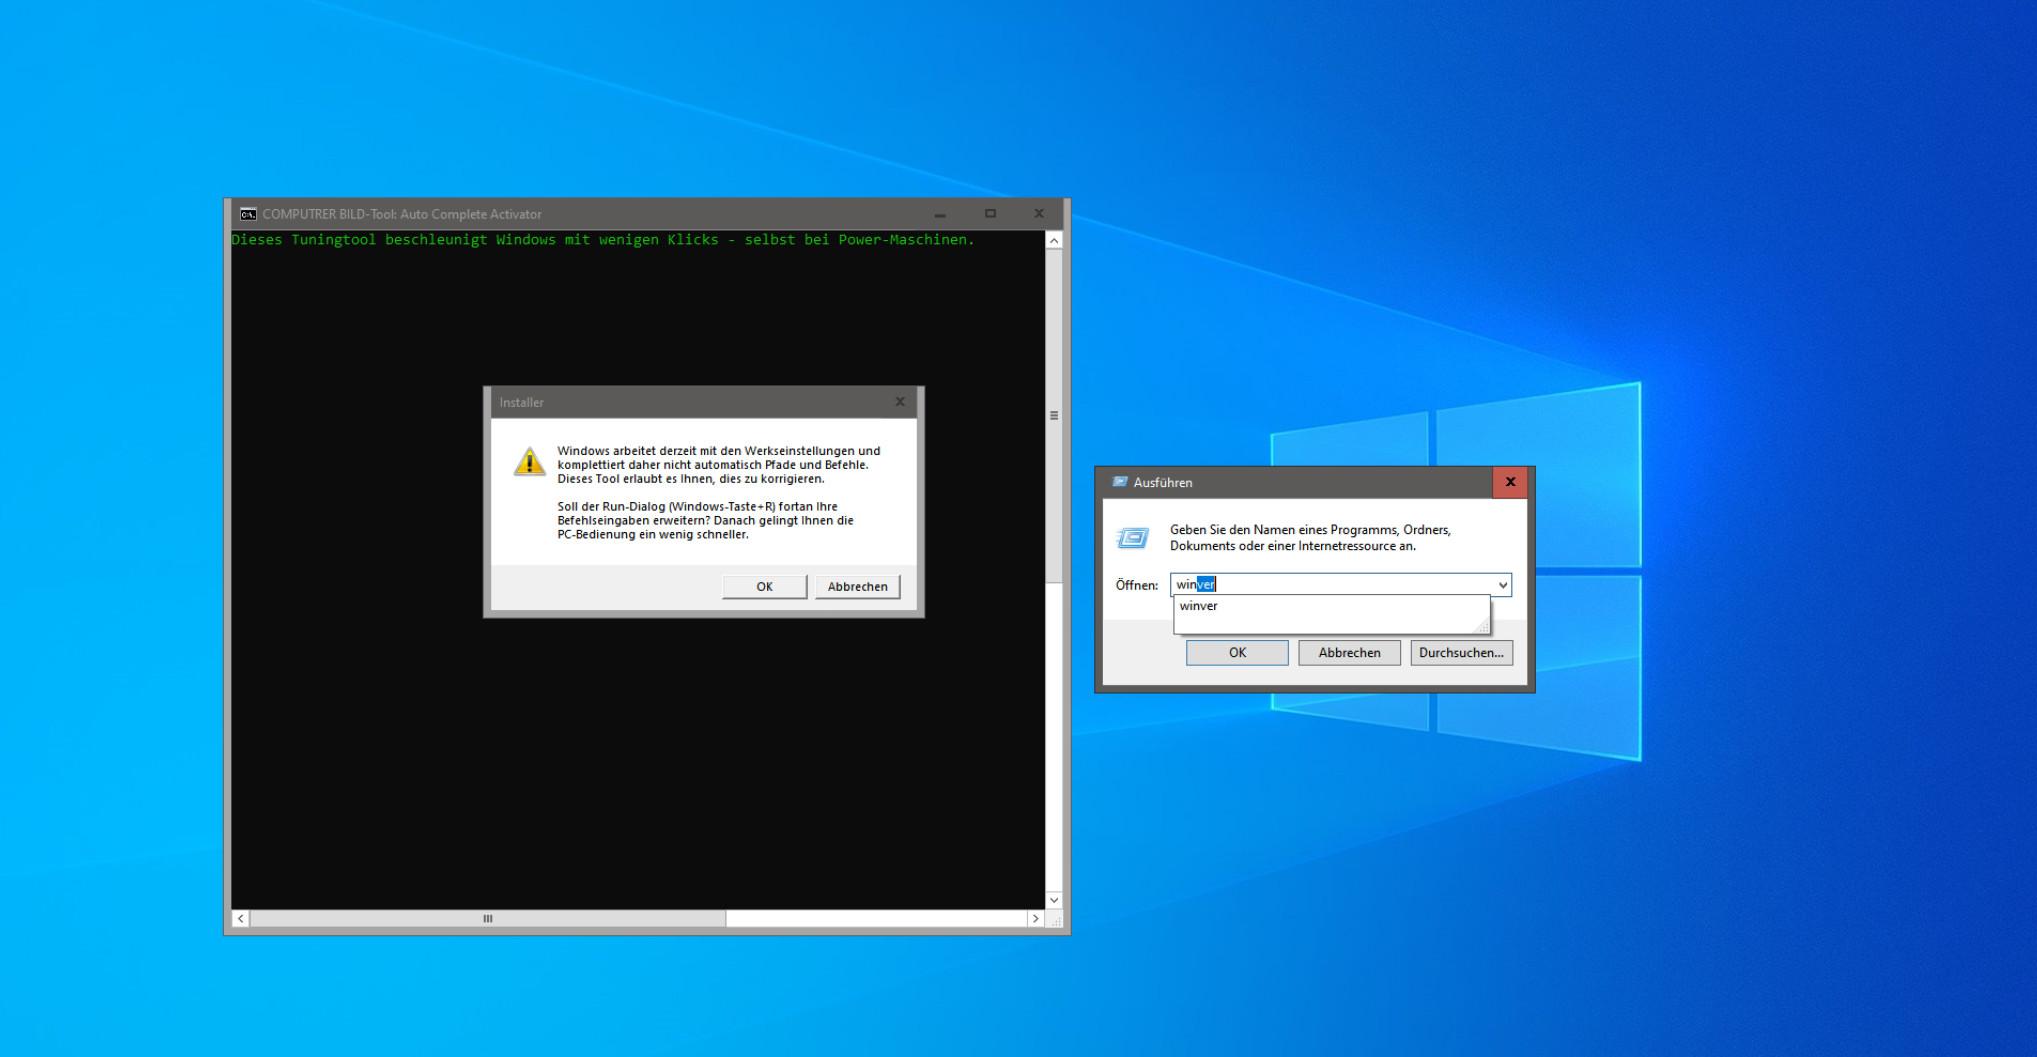 Screenshot 1 - Windows-Autovervollständigung einschalten